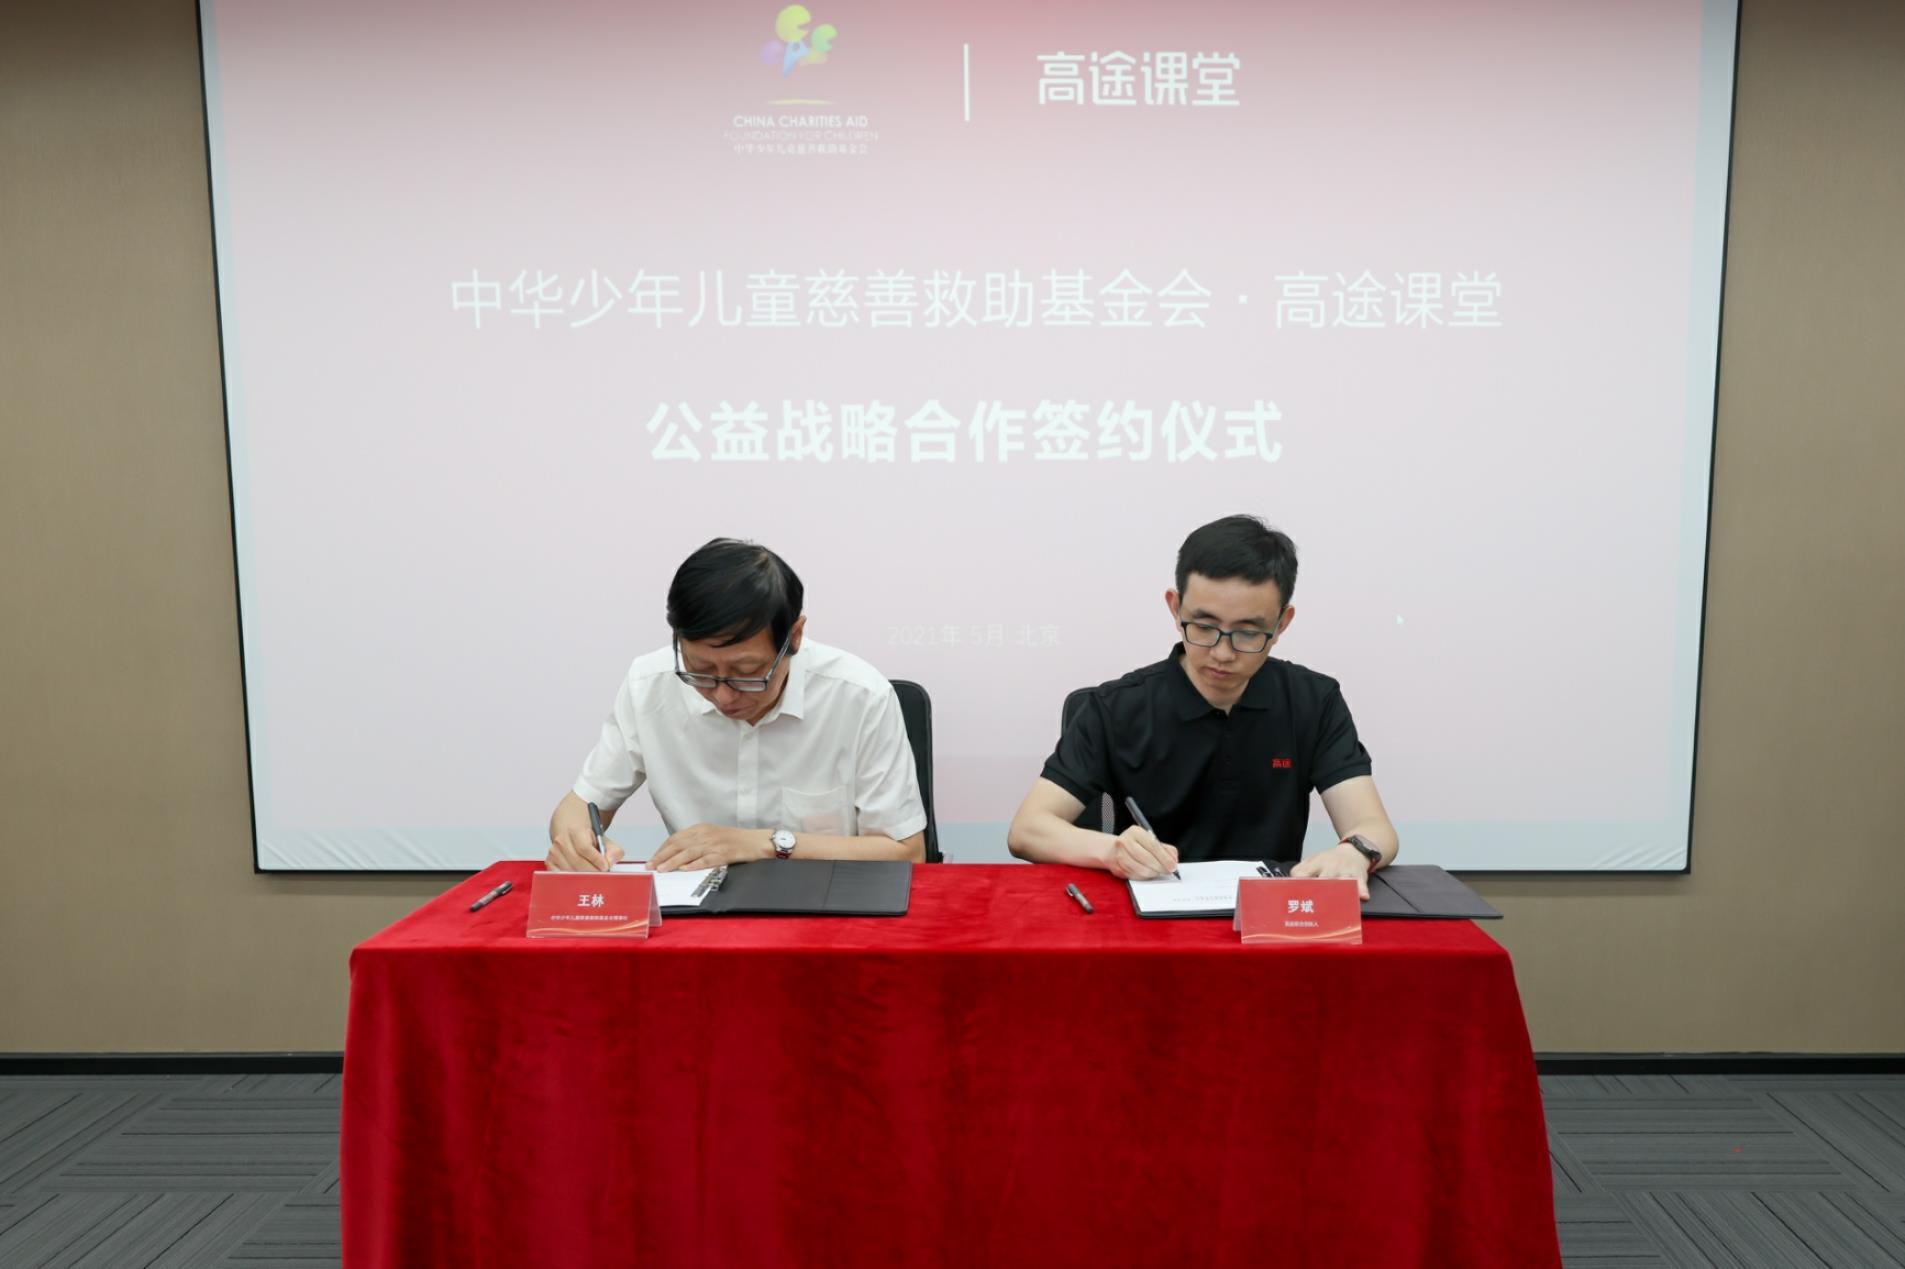 中华少年儿童慈善救助基金会与高途课堂公益战略合作签约仪式在京举行